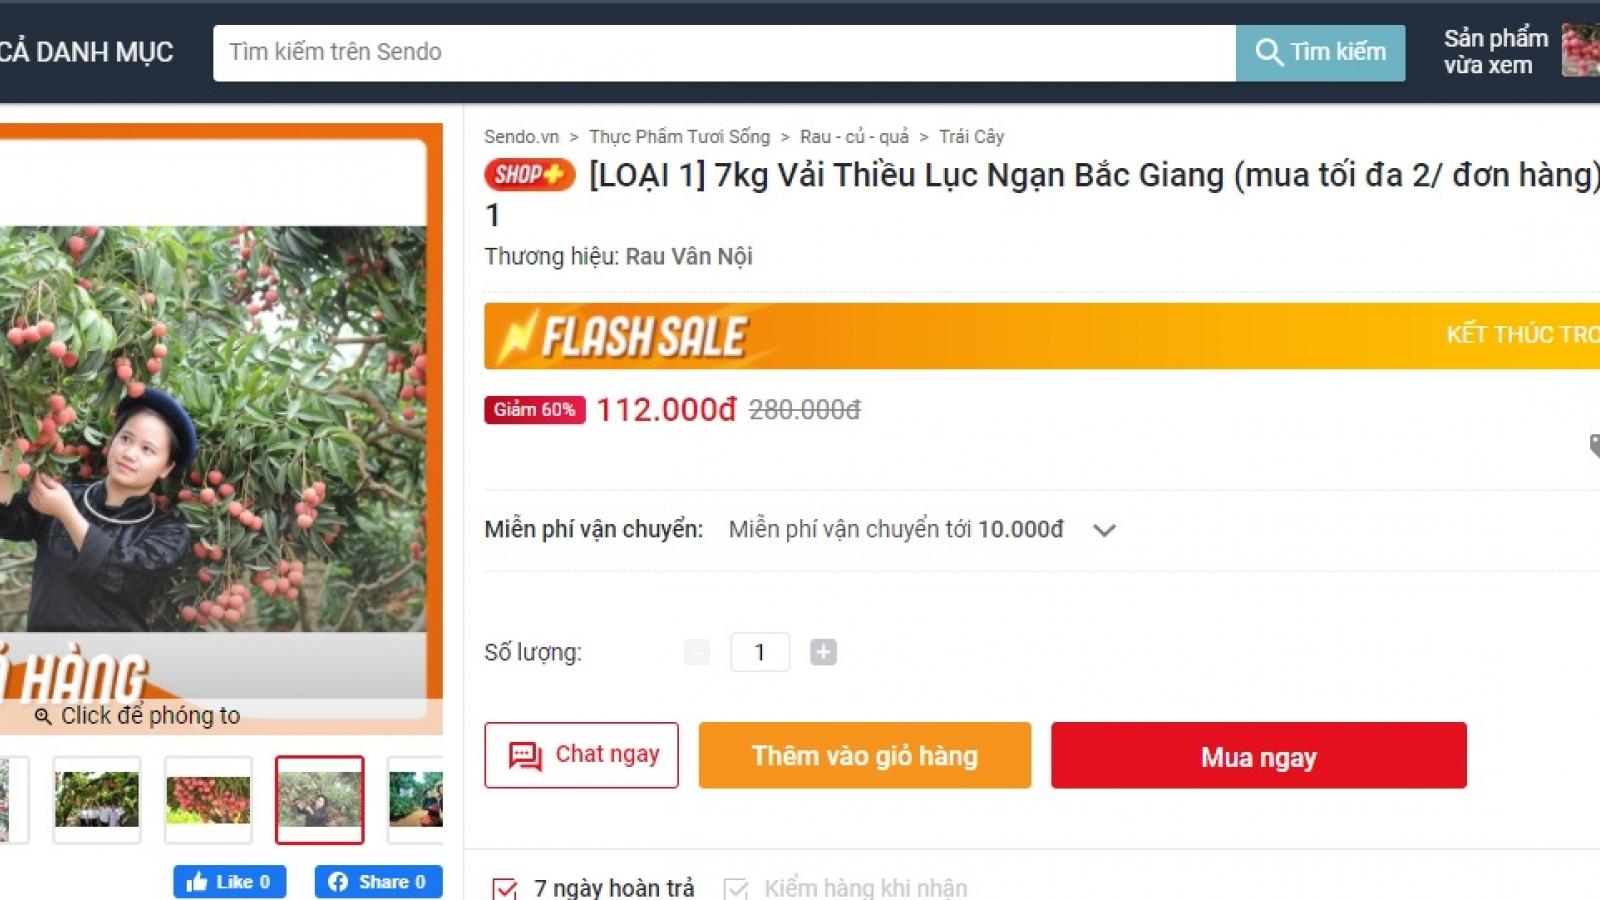 6 sàn thương mại điện tử khởi động hỗ trợ tiêu thụ vải thiều Bắc Giang